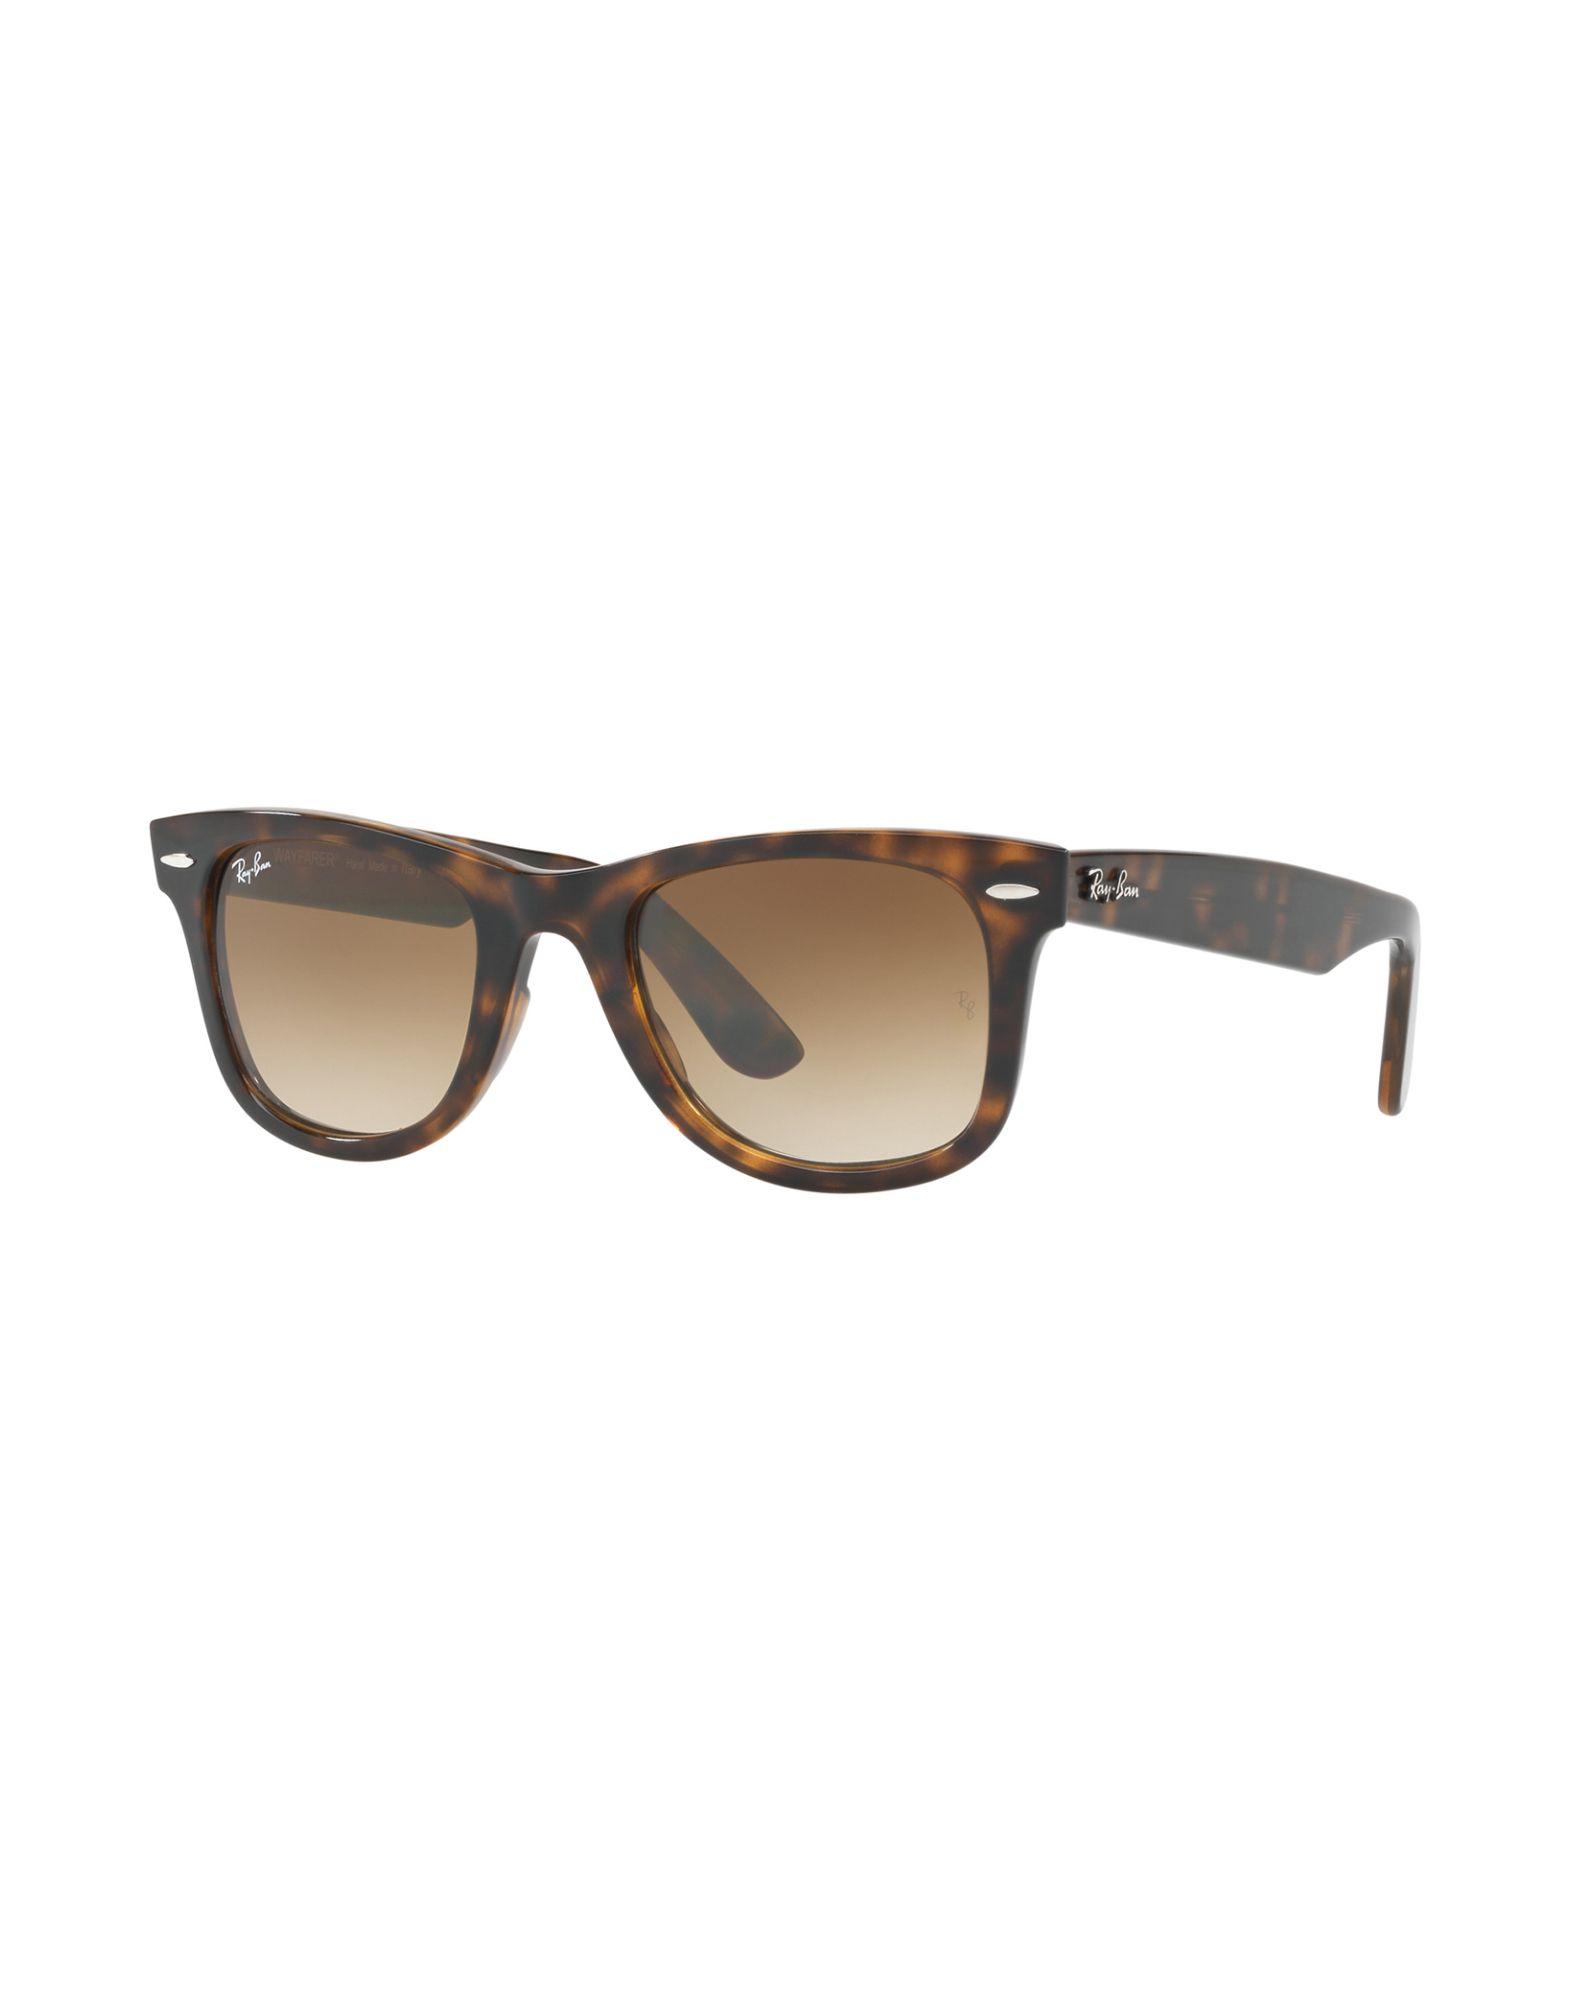 Occhiali Da Sole Ray-Ban Rb4340 - Uomo - Acquista online su